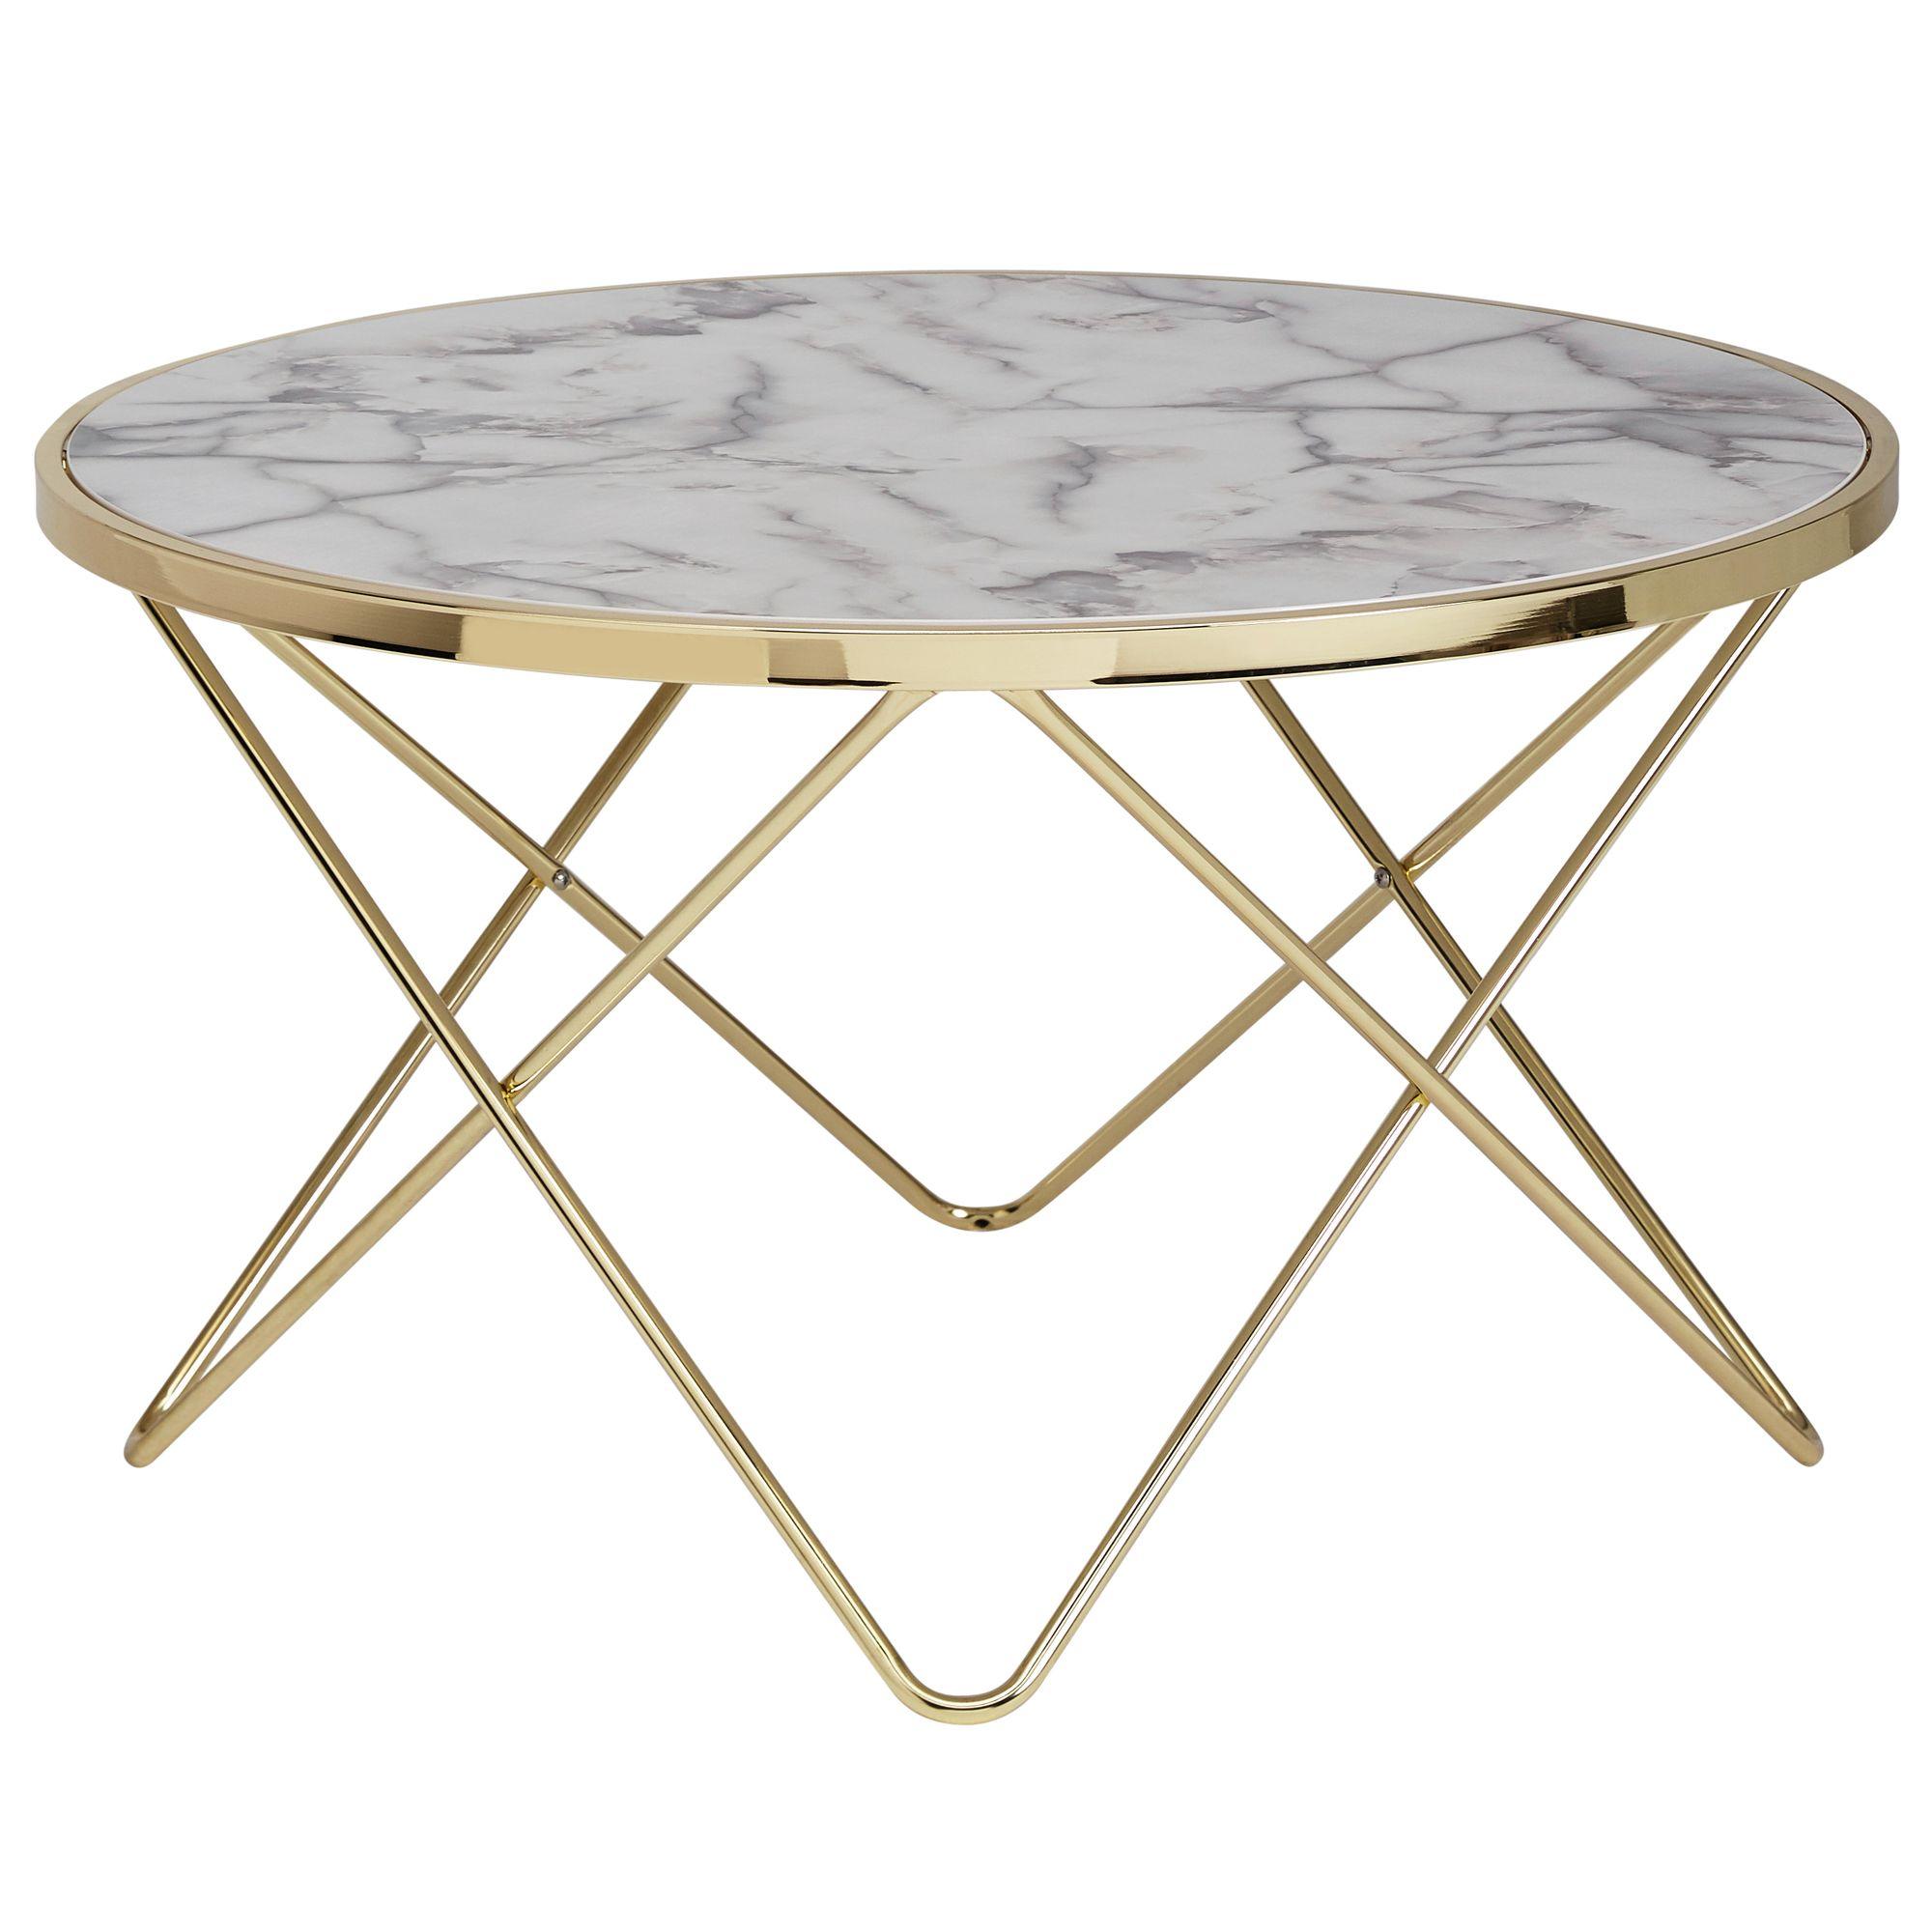 wohnling design couchtisch marmor optik wei rund 85 cm gold metall gestell